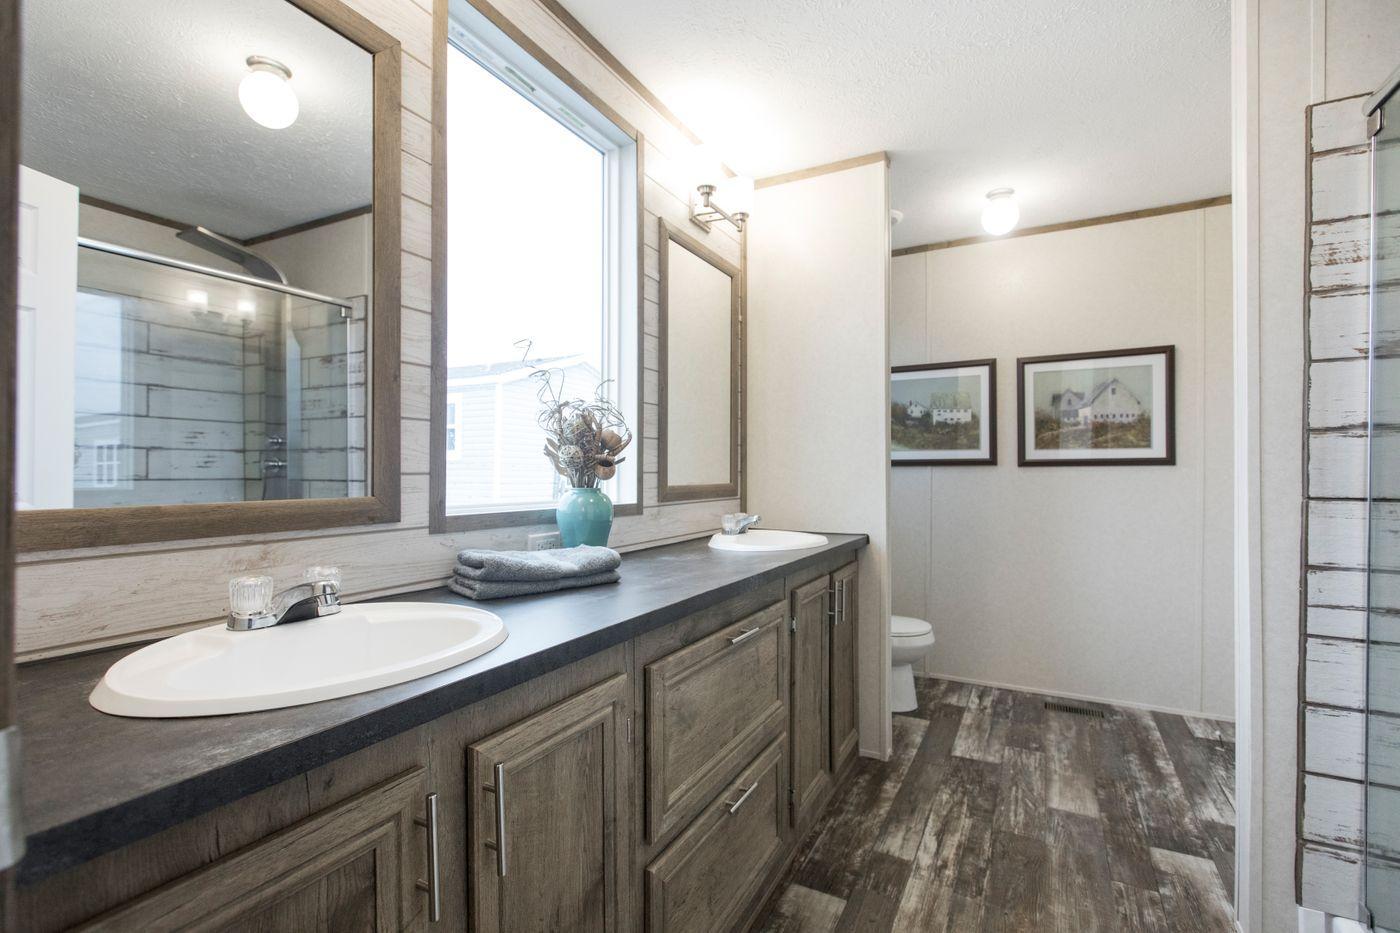 The Southern Farmhouse Bathroom